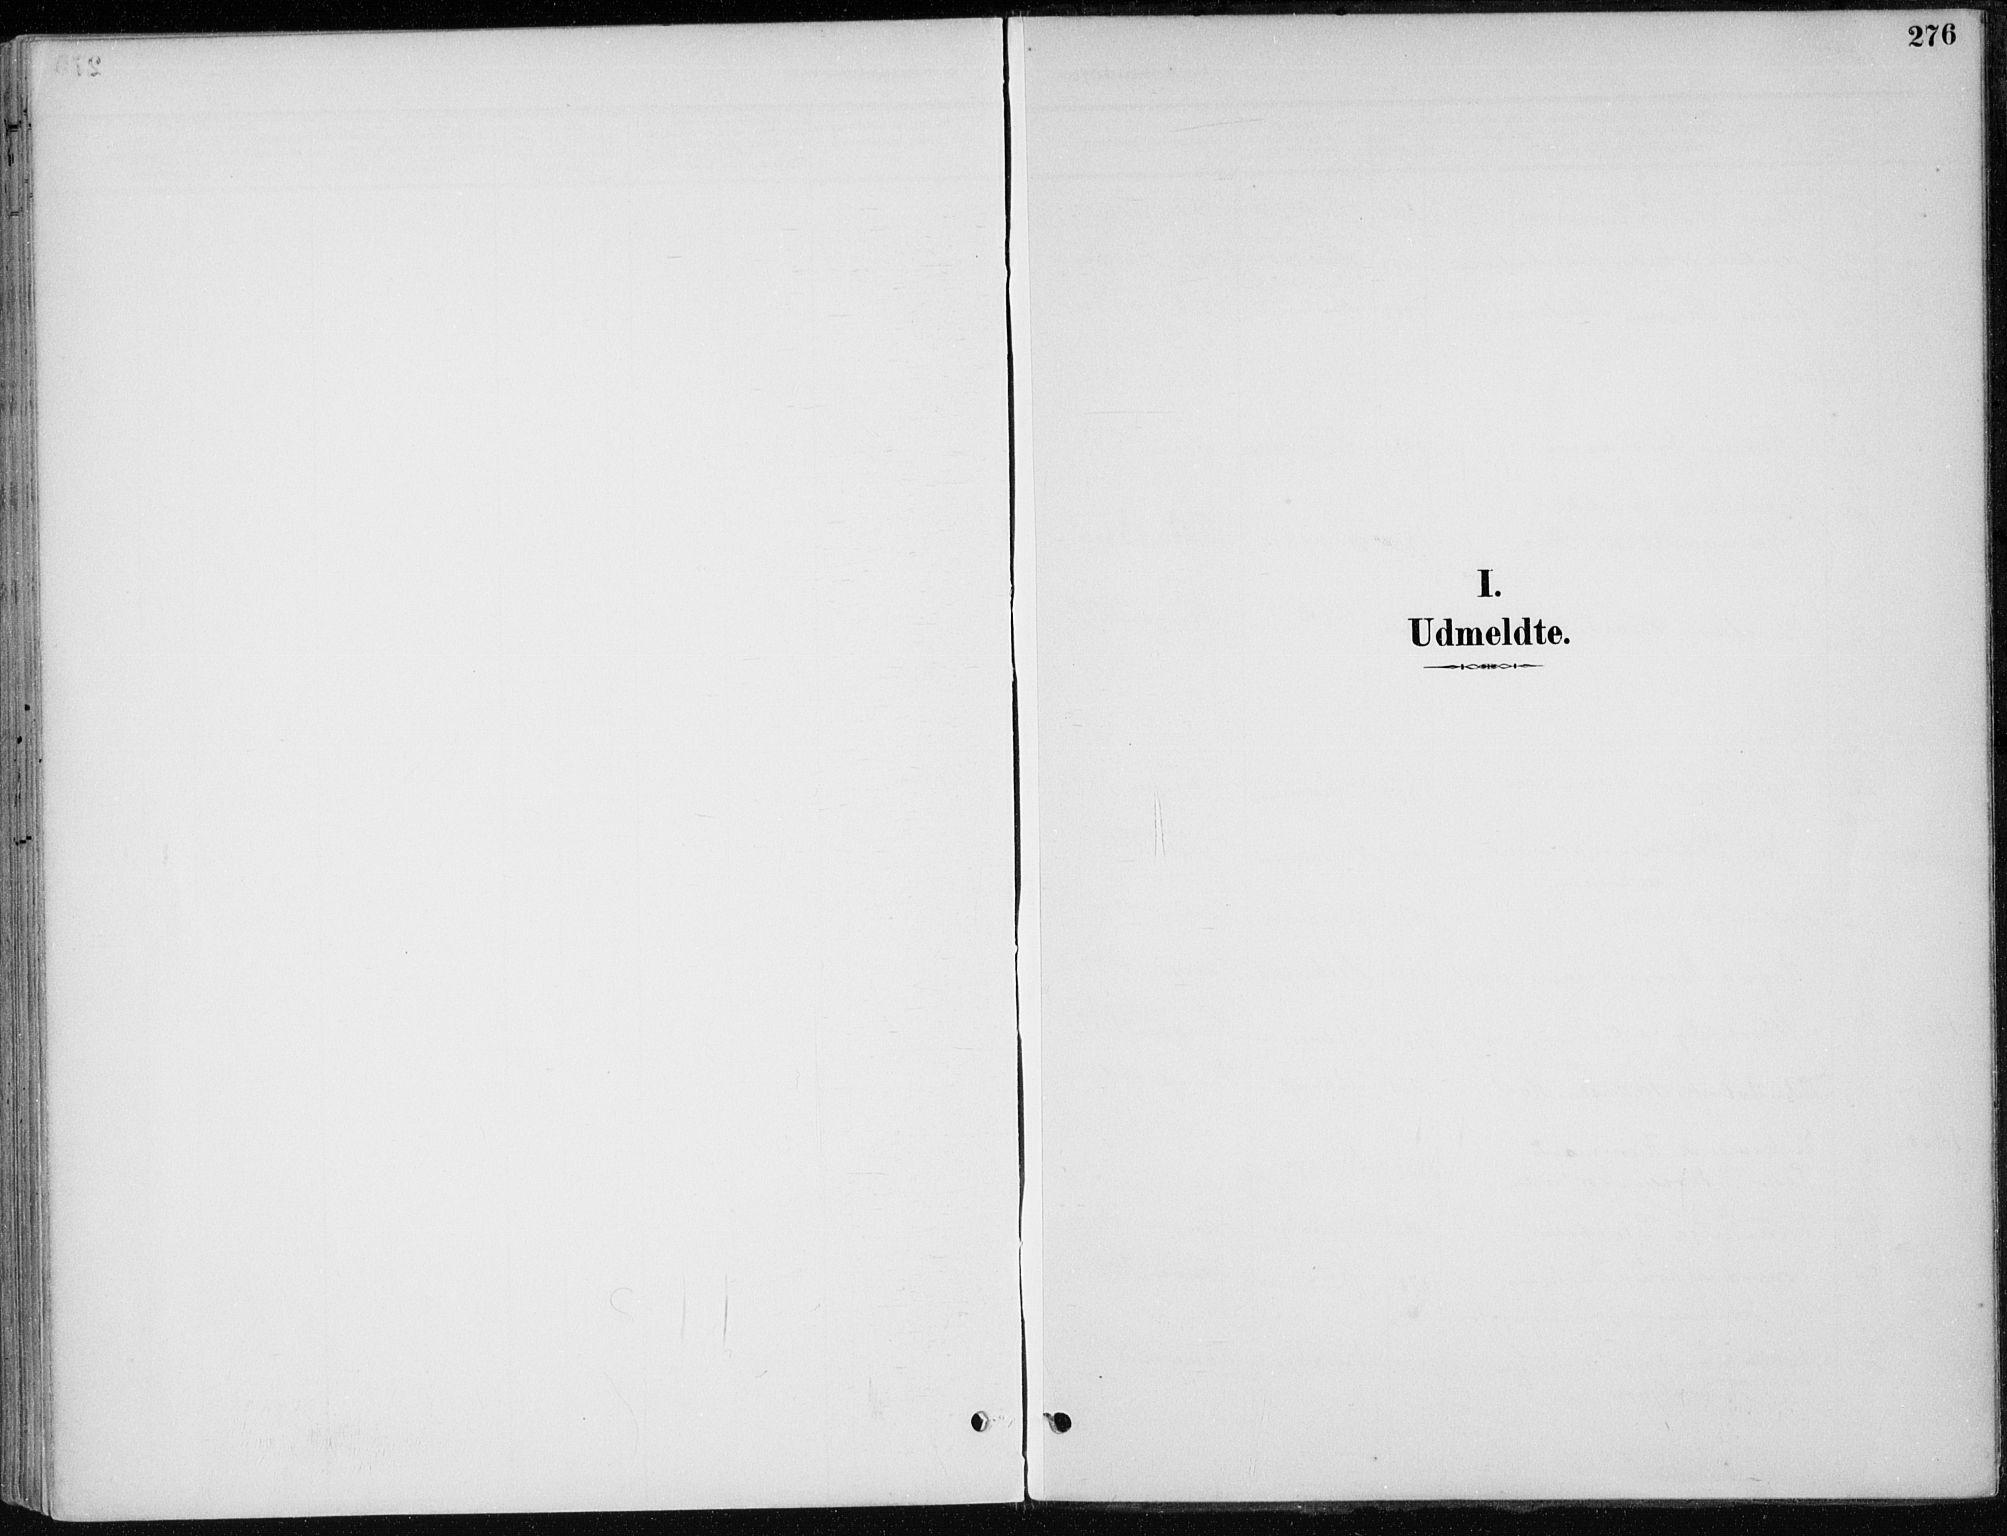 SAH, Stange prestekontor, K/L0023: Parish register (official) no. 23, 1897-1920, p. 276